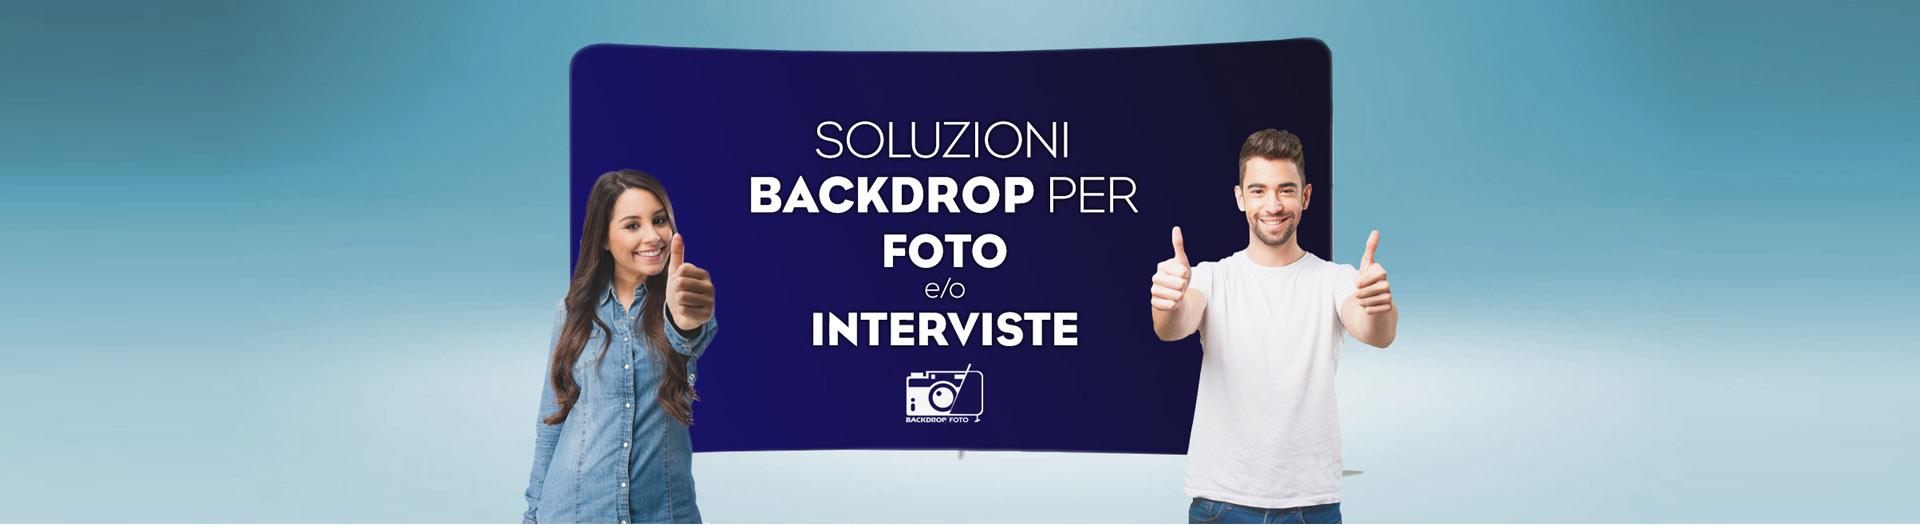 Backdrop botografico, struttura con grafica di sfondo personalizzata